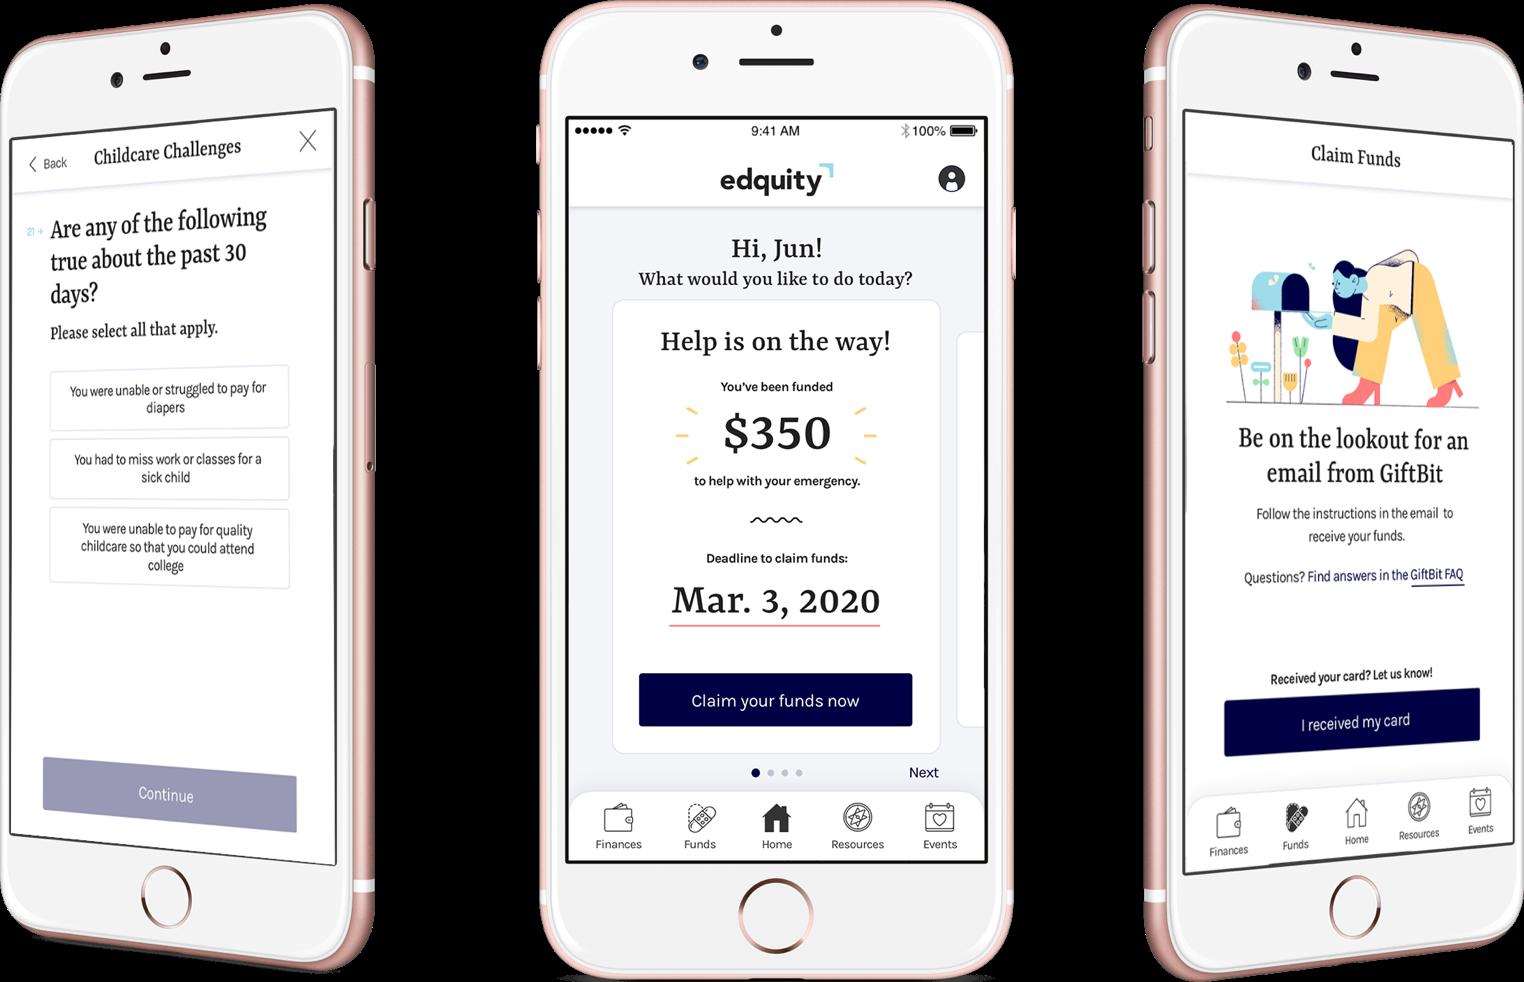 Phone mockup with Edquity app